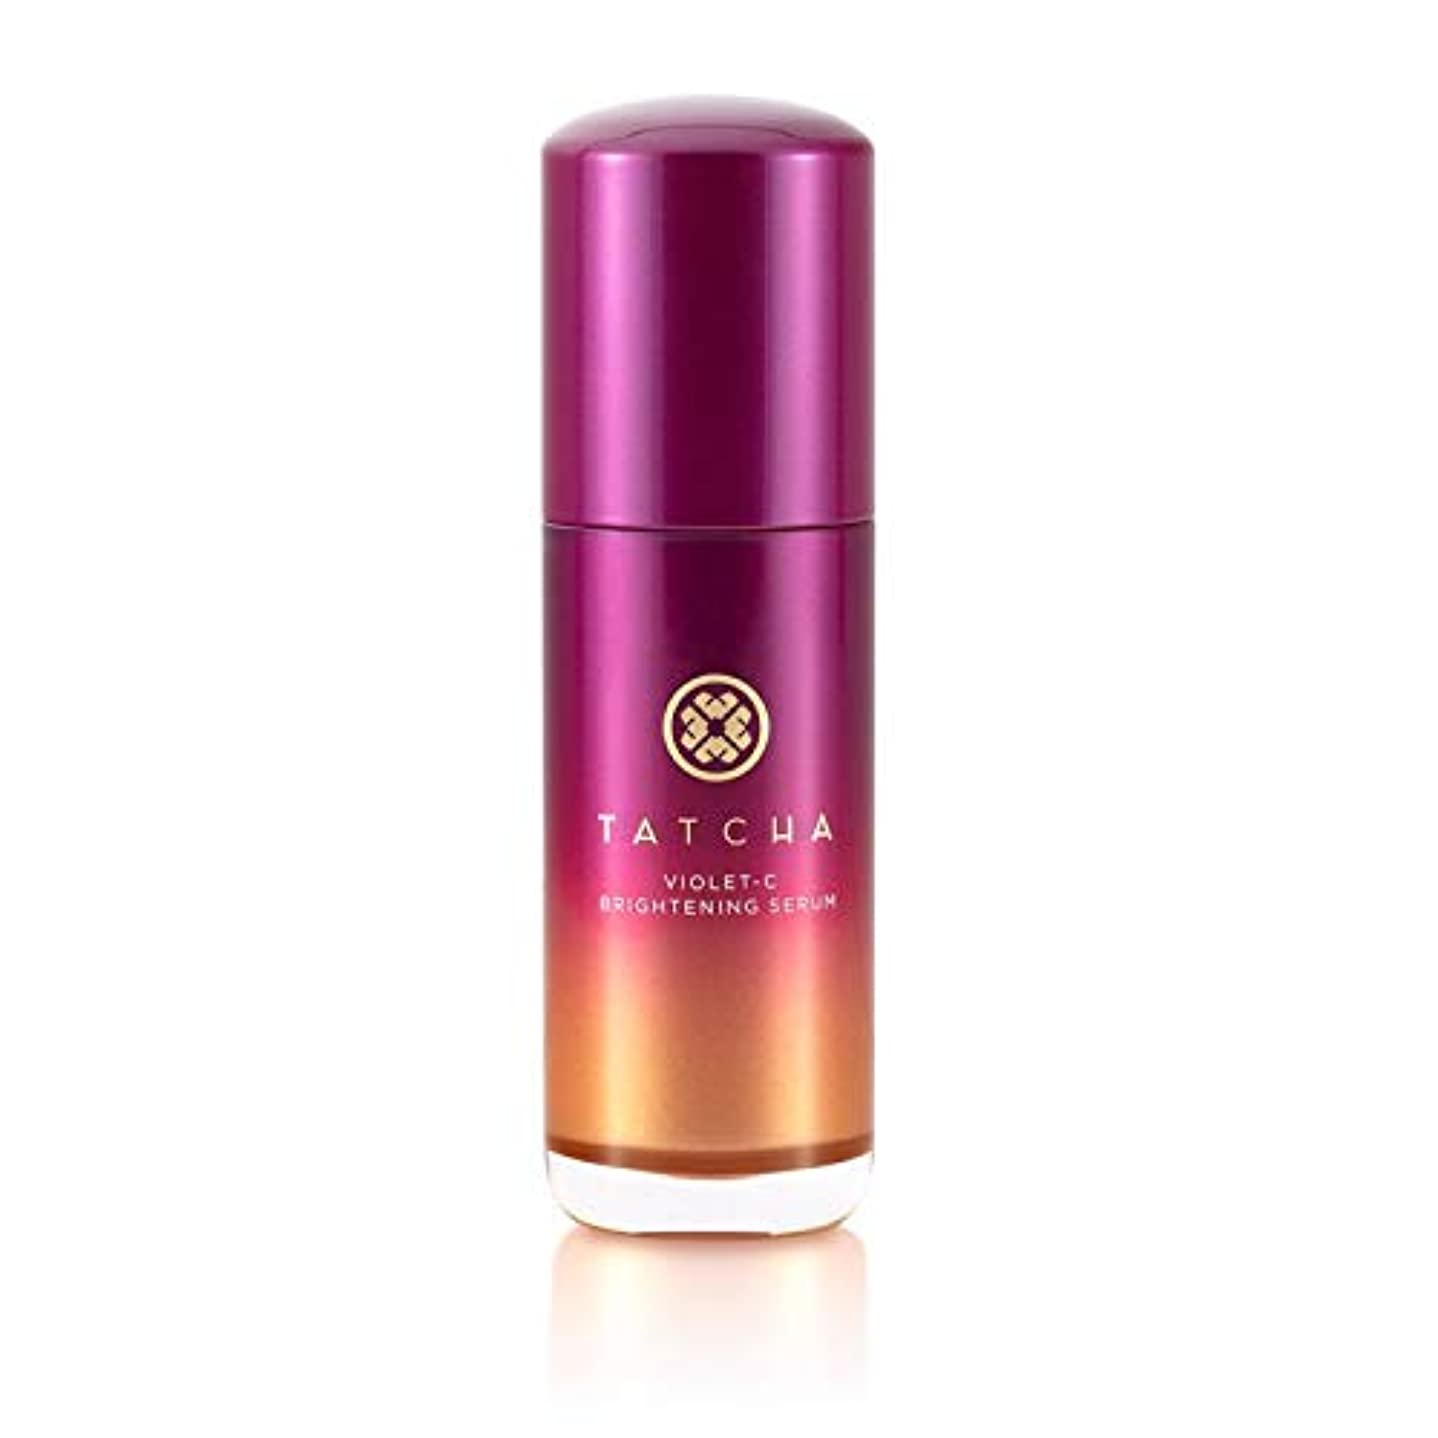 知り合いになる純粋に枯渇するTATCHA Violet-C Brightening Serum (20% Vitamin C + 10% AHA) タチャ バイオレットC ブライトニング セラム 美容液 30ml